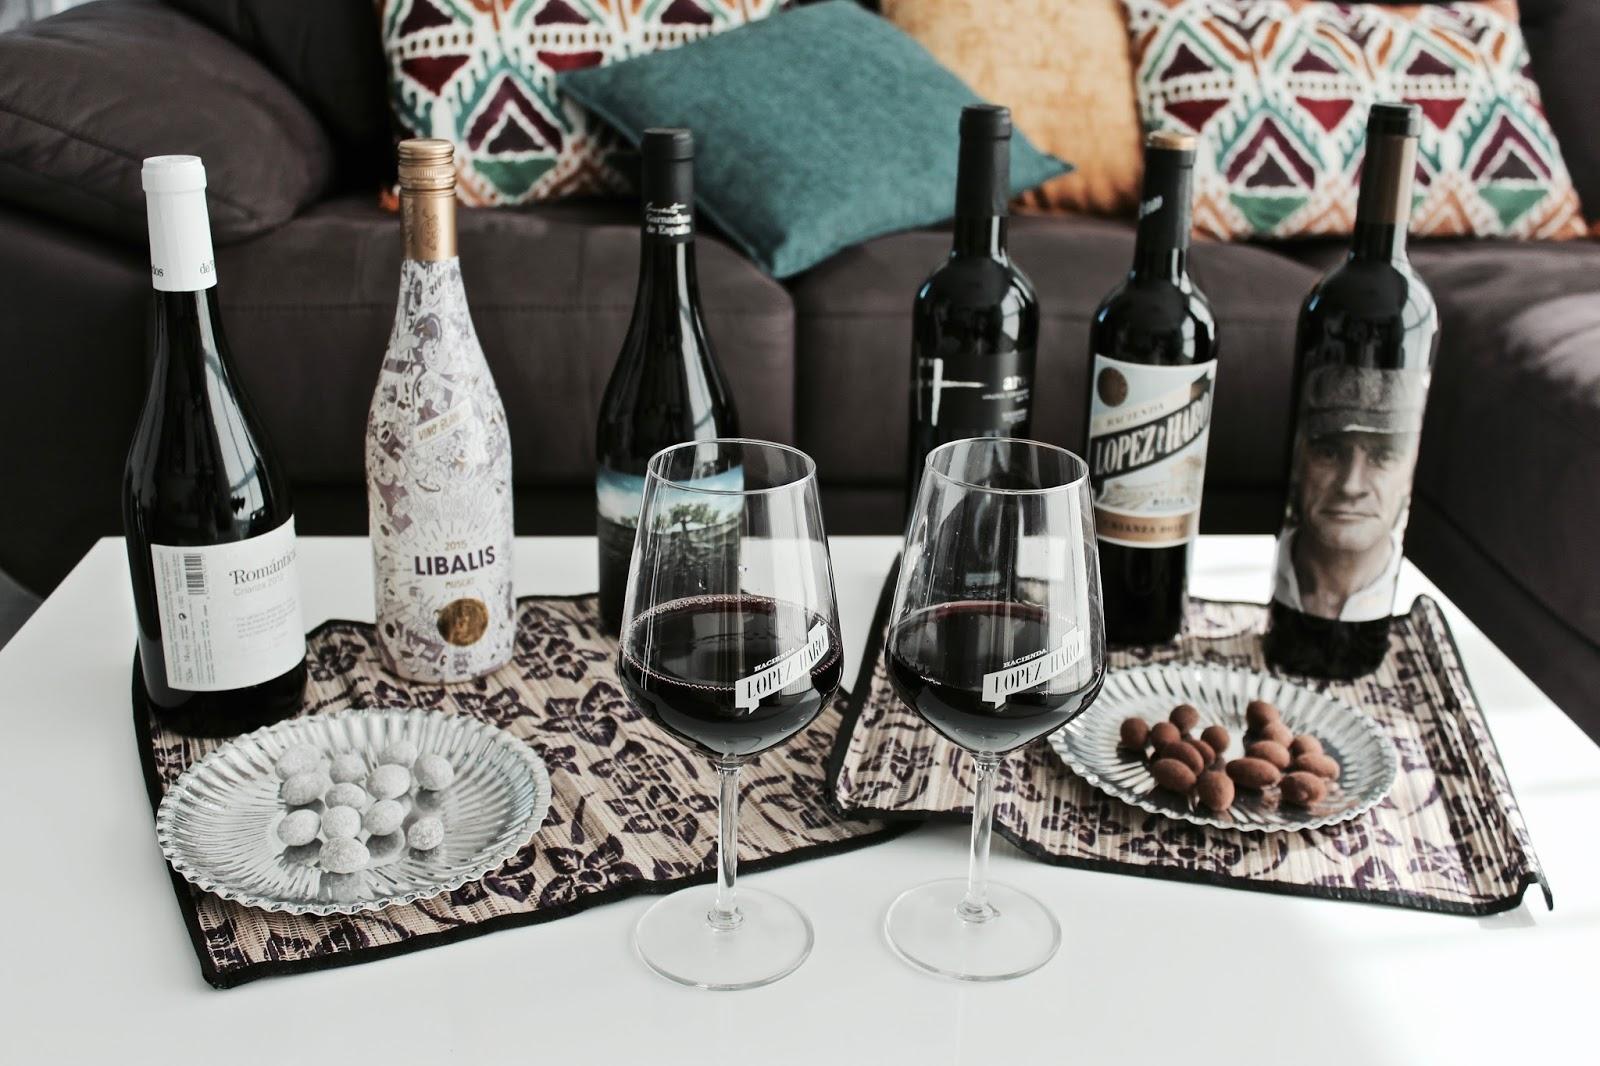 botellas de vino denominación de origen españa